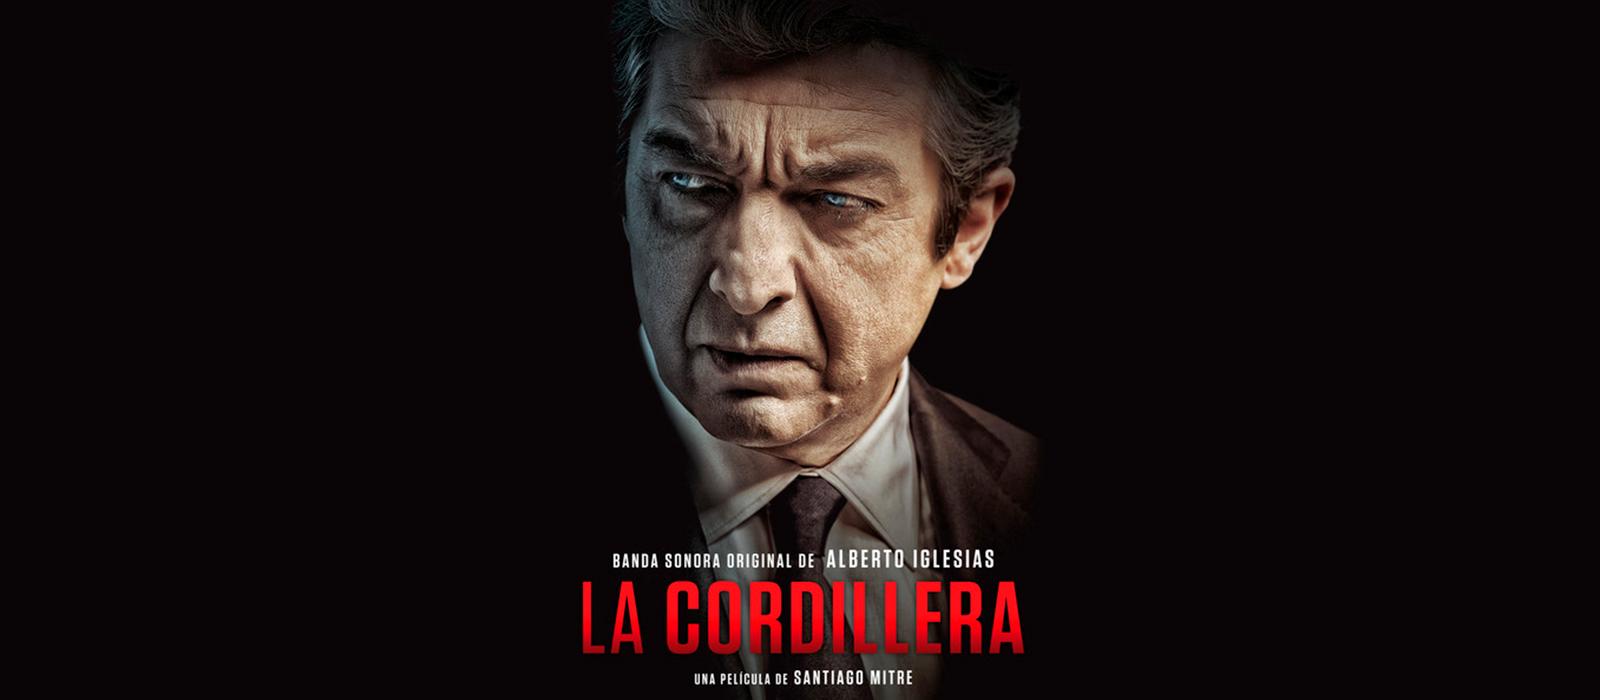 Alberto Iglesias, nominado en los Premios Goya 2018 por la banda sonora de 'La Cordillera'